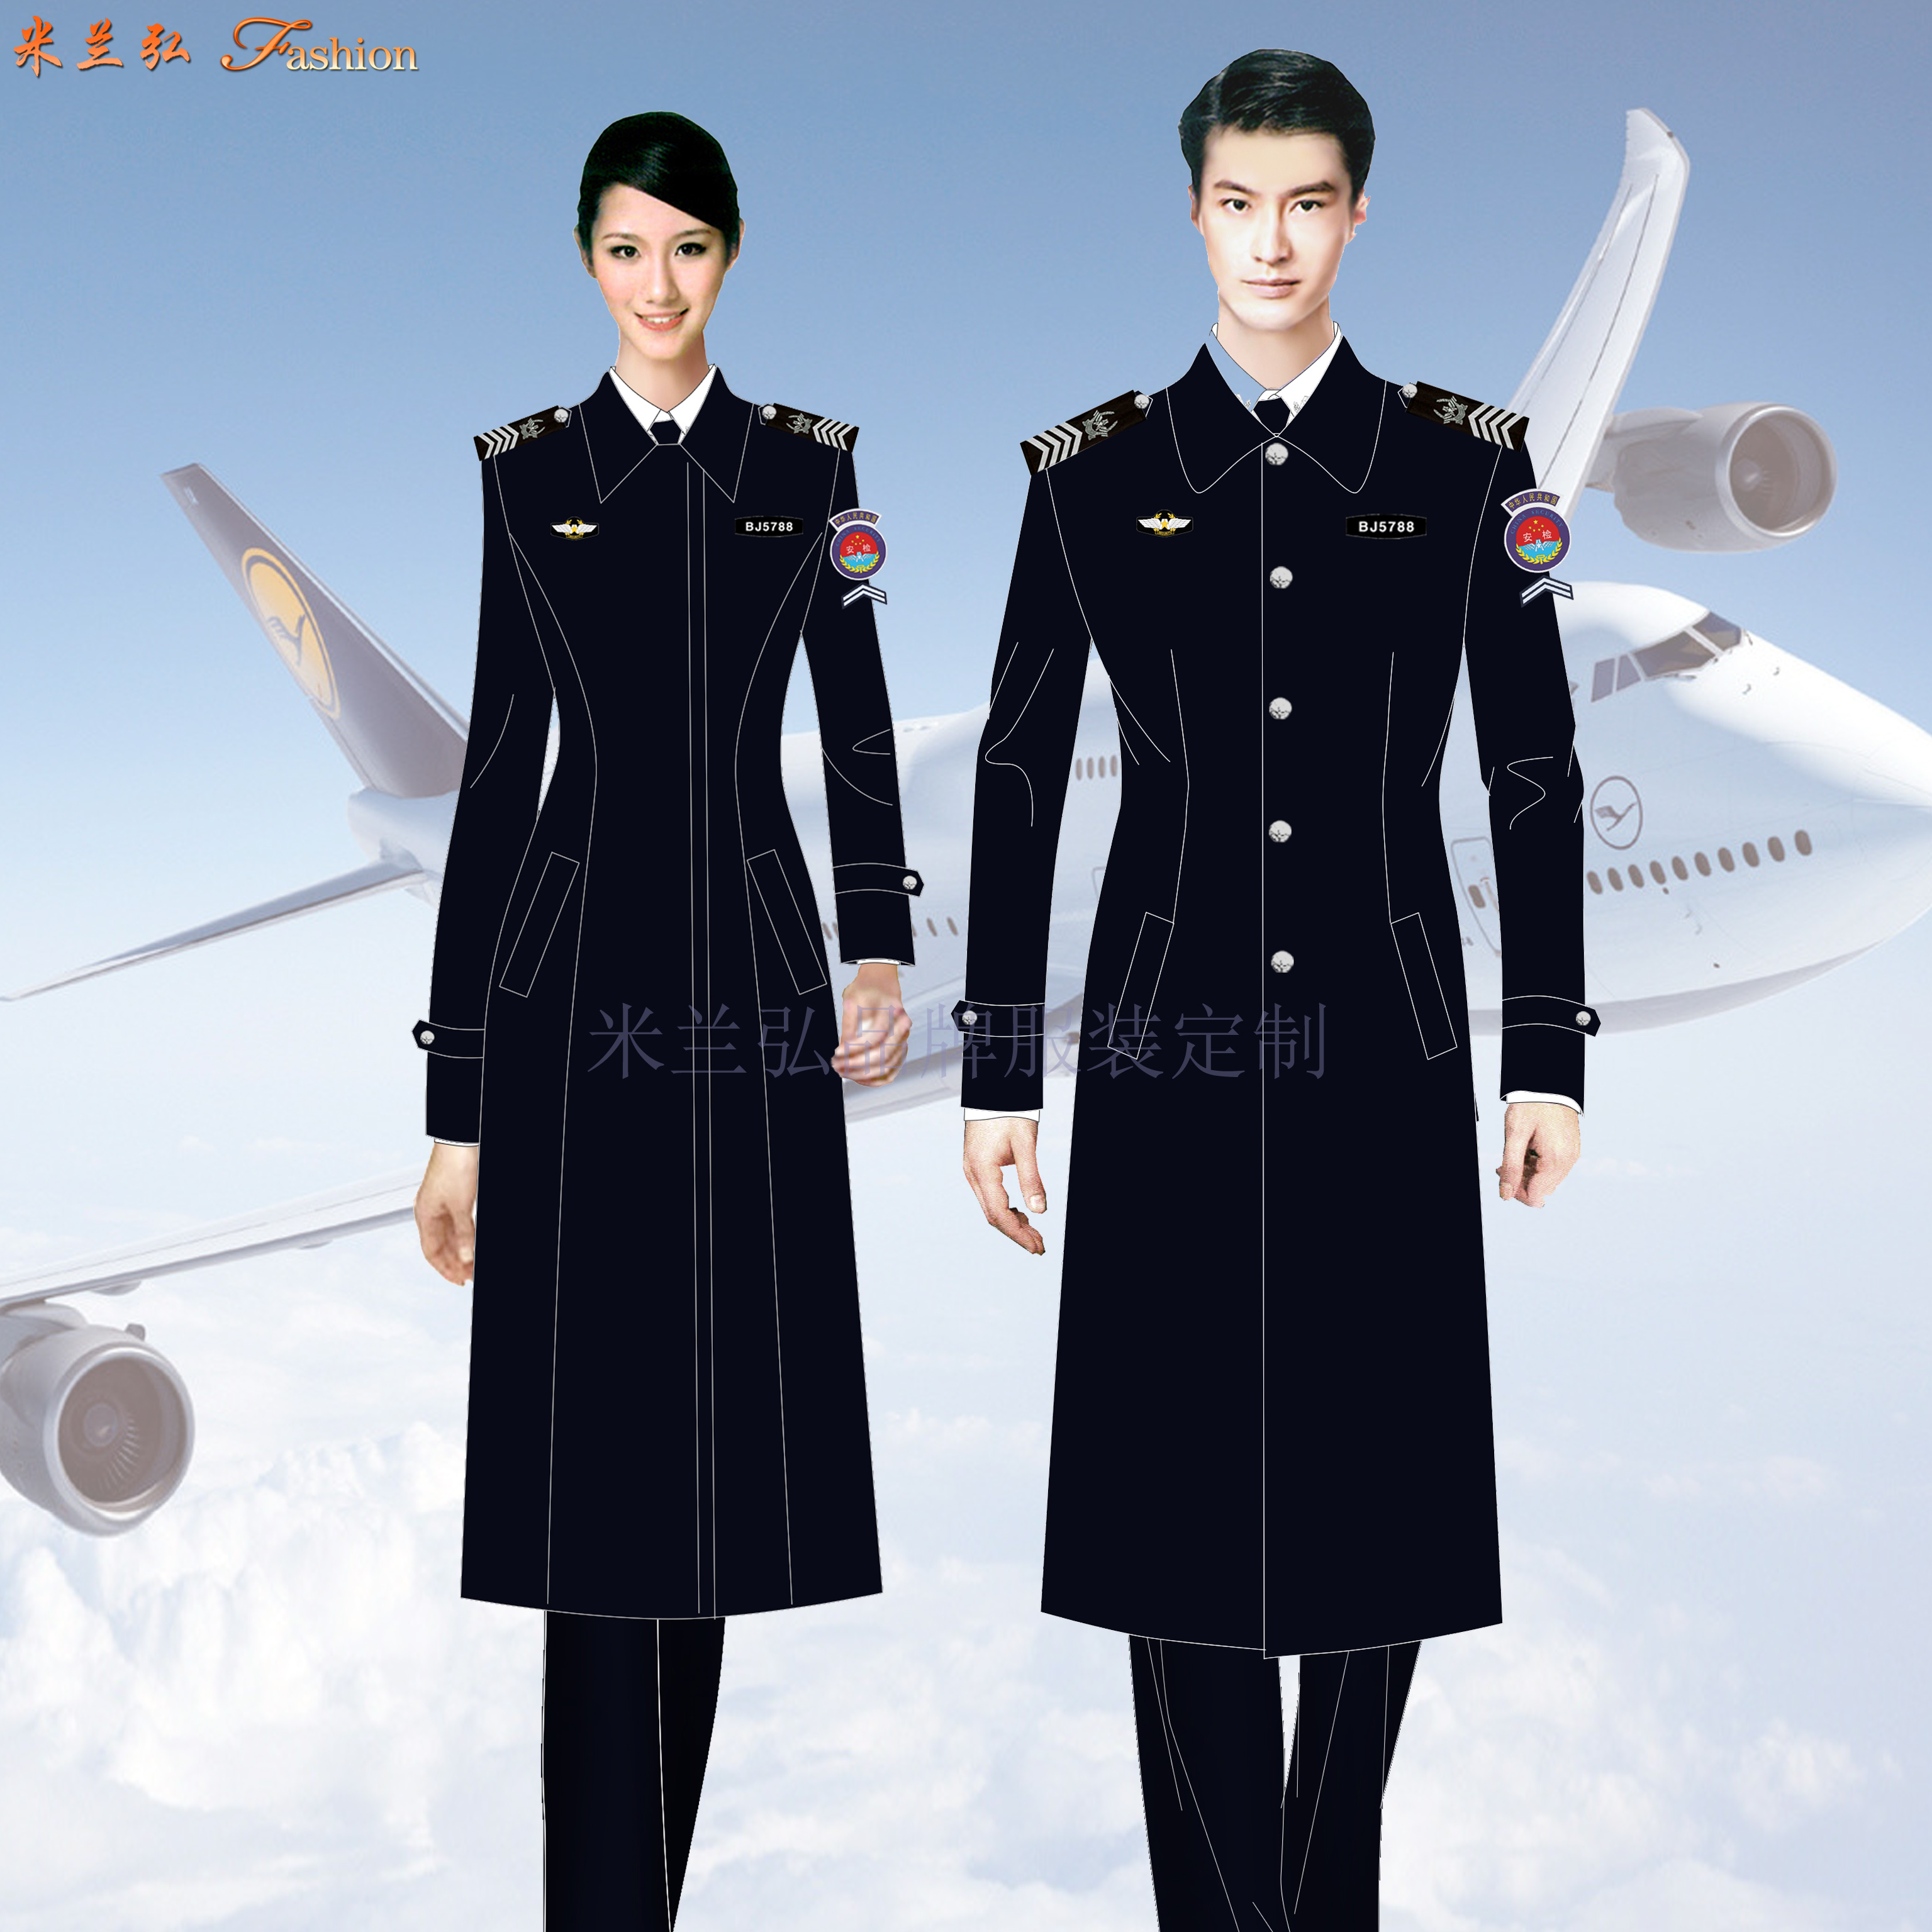 機場安檢服羊毛大衣定制